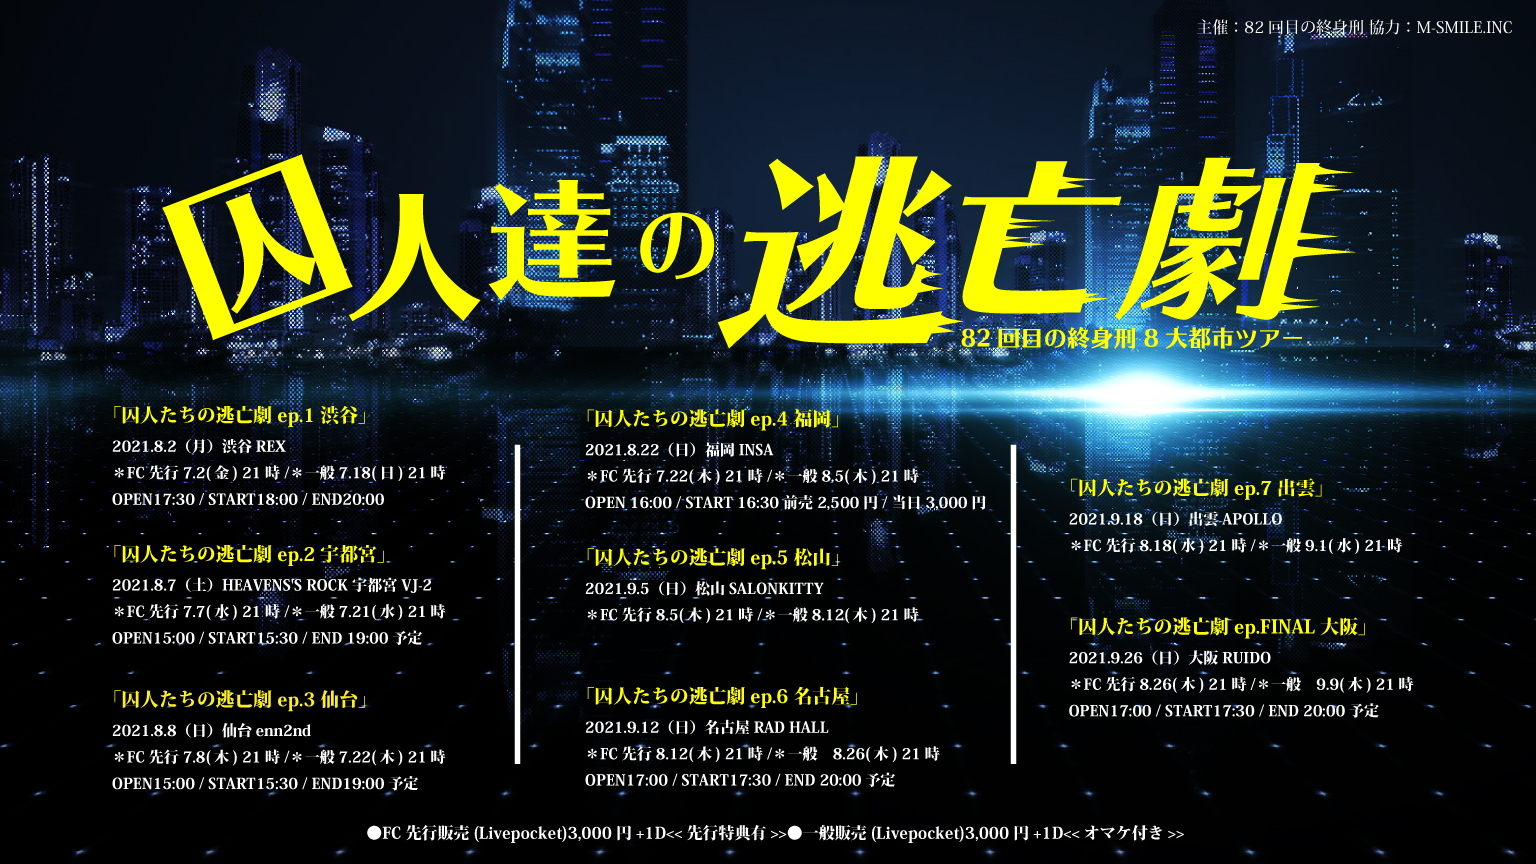 82回目の終身刑 8大都市ツアー 「囚人たちの逃亡劇 EP.3 仙台」